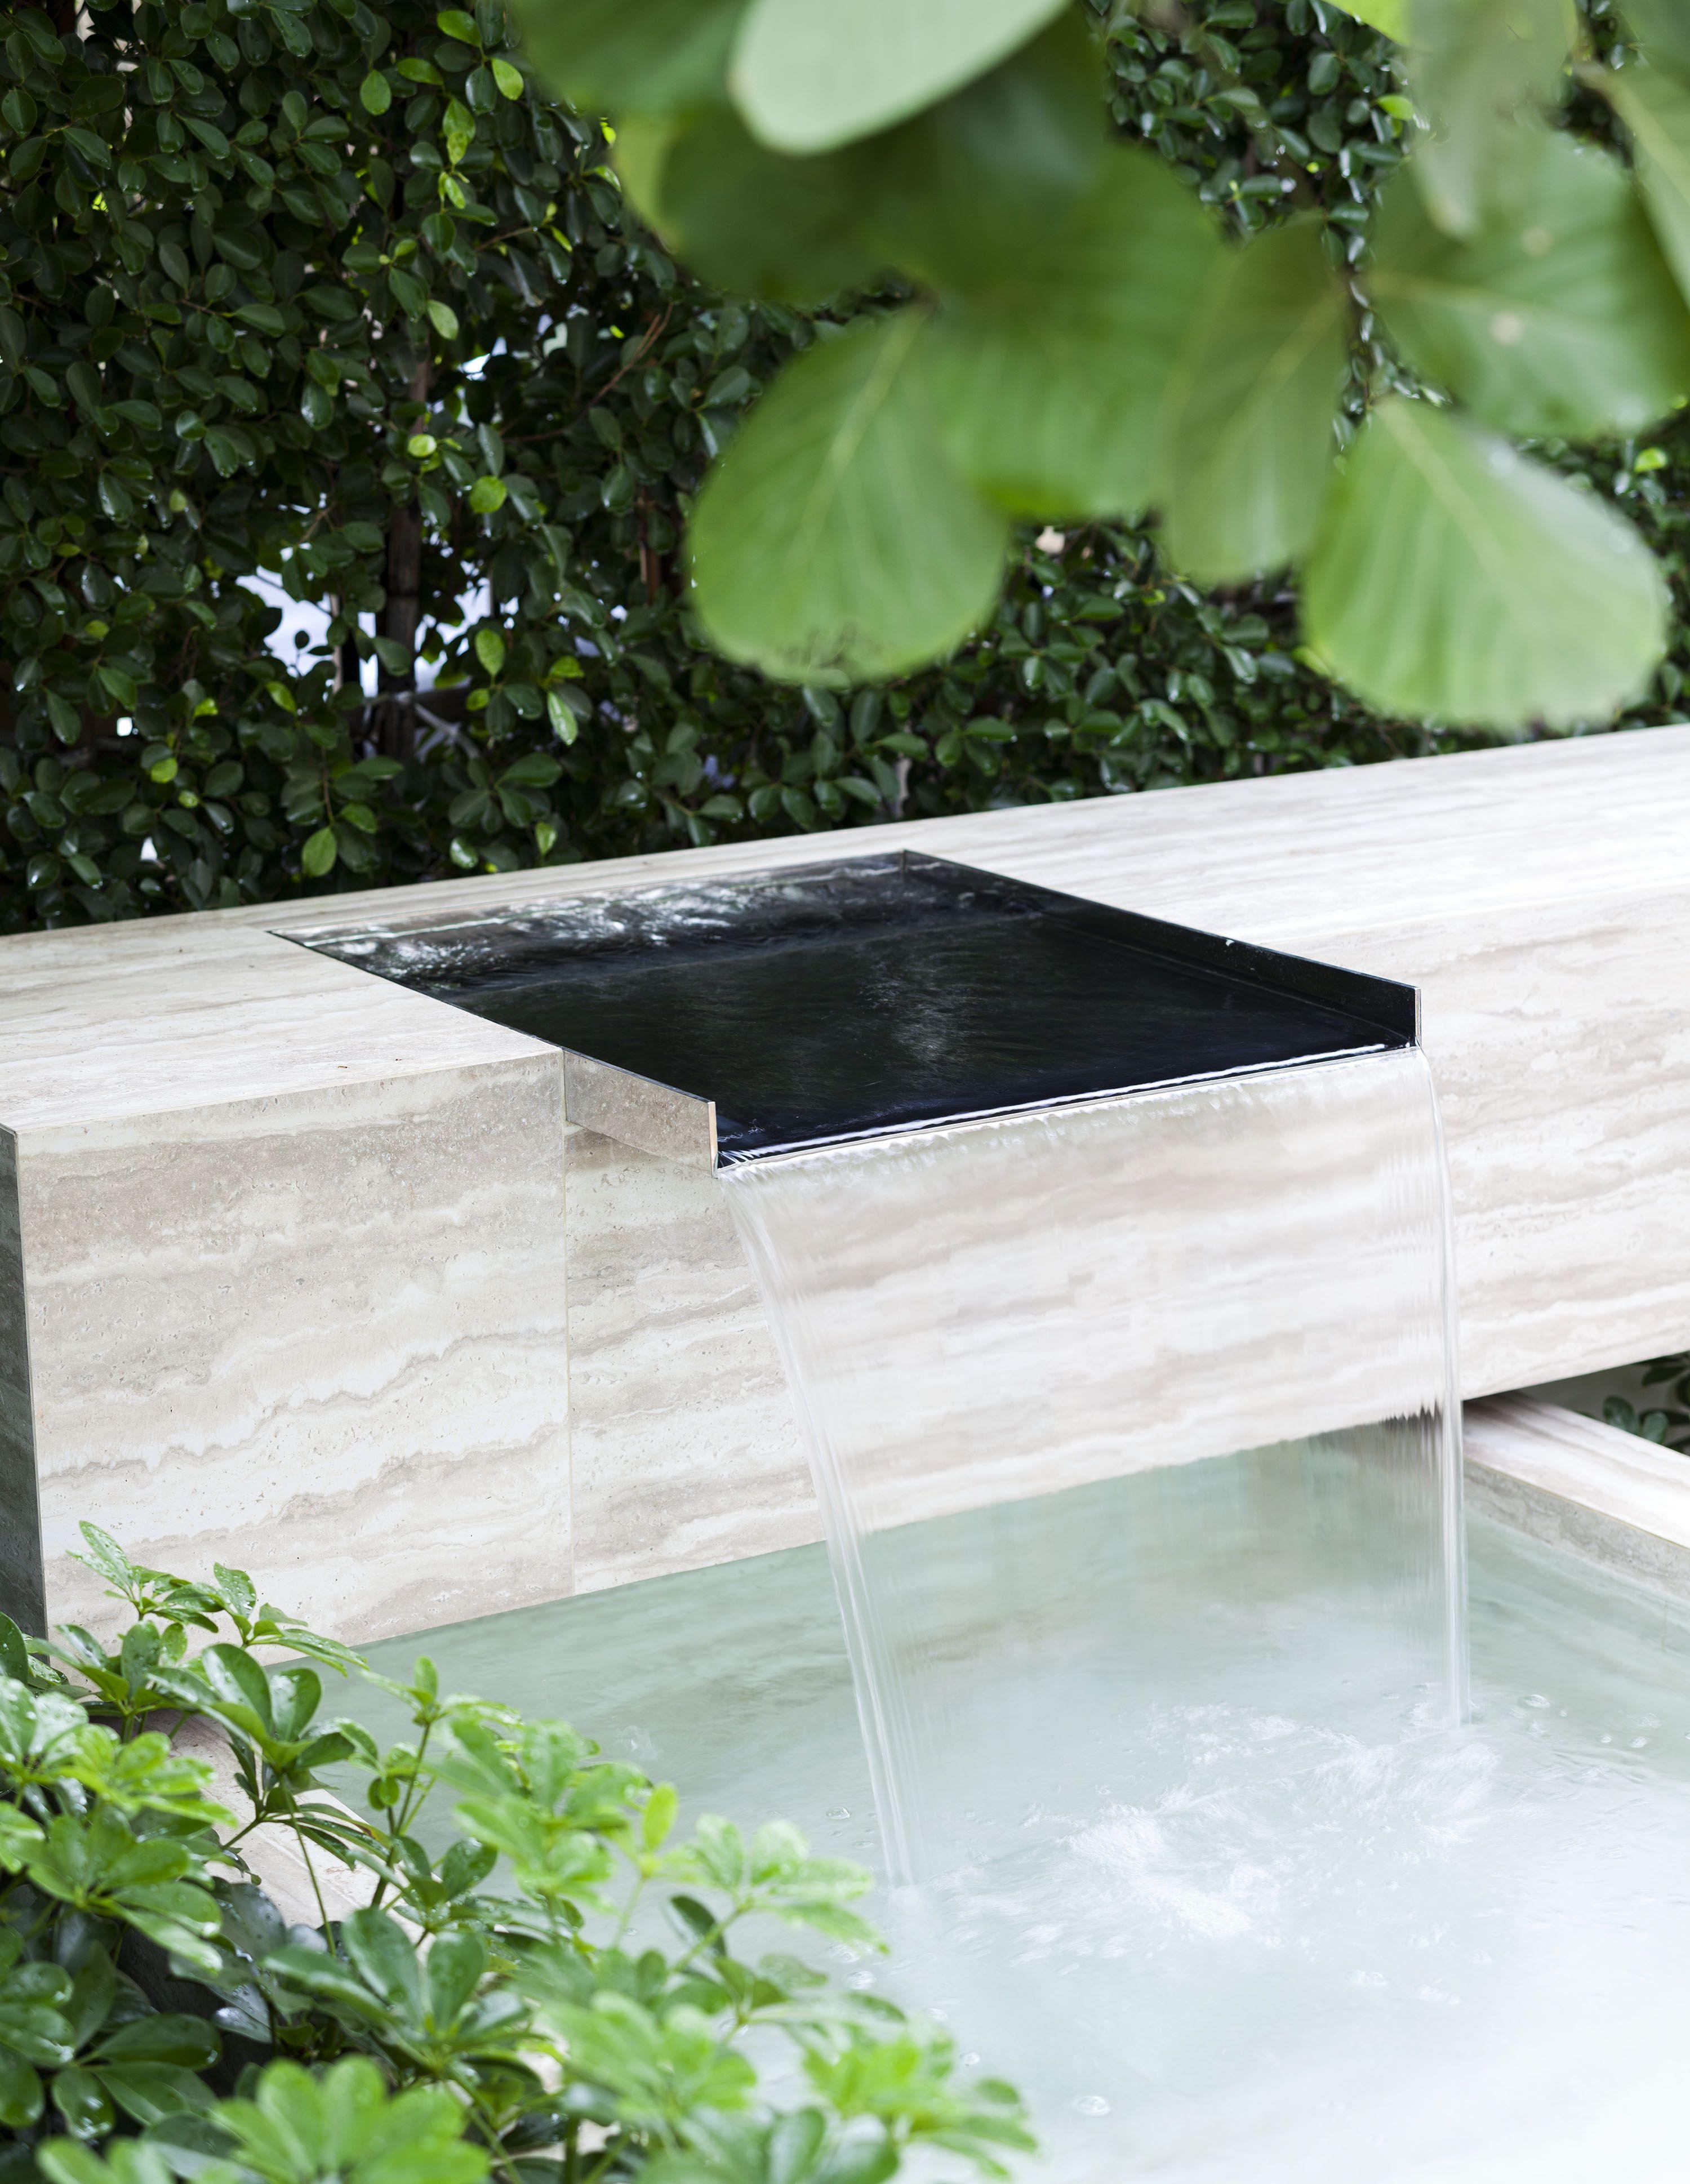 Ging Fountain Wall Backyard Water Feature Backyard Pool Landscaping Backyard Landscaping Designs